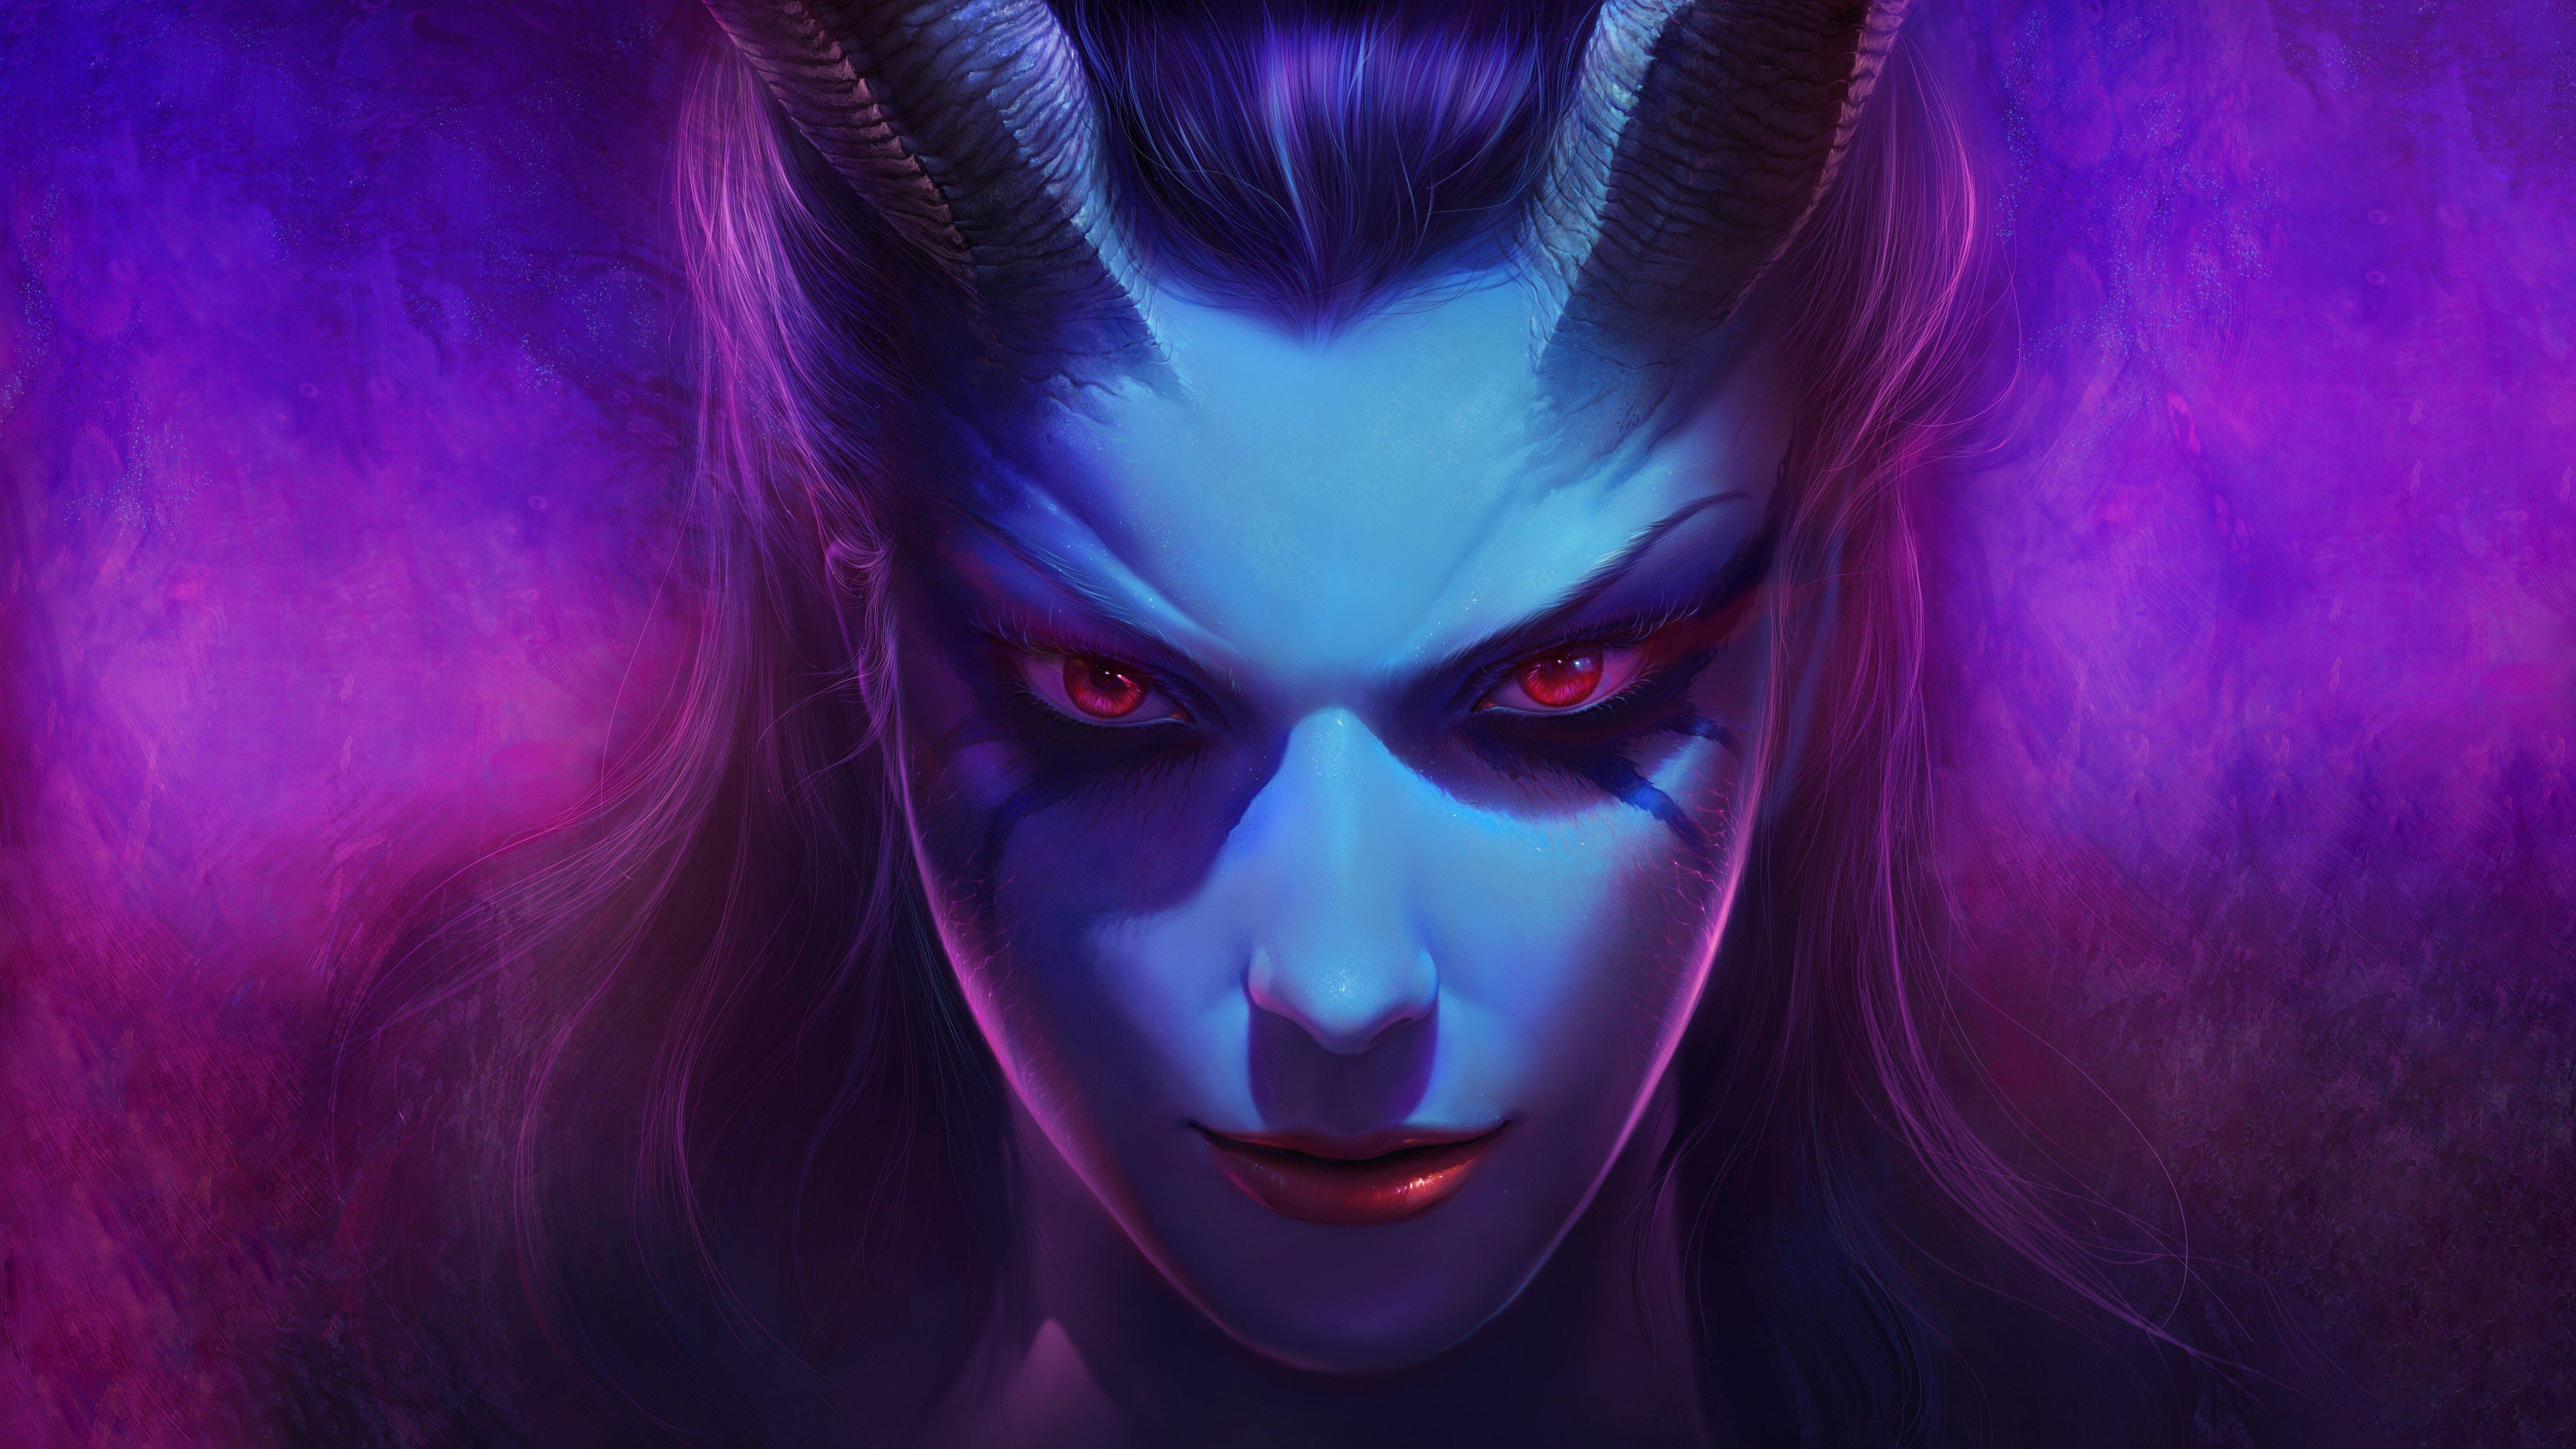 Women Queen Of Pain Fantasy Art Dota 2 Hd Wallpapers Desktop